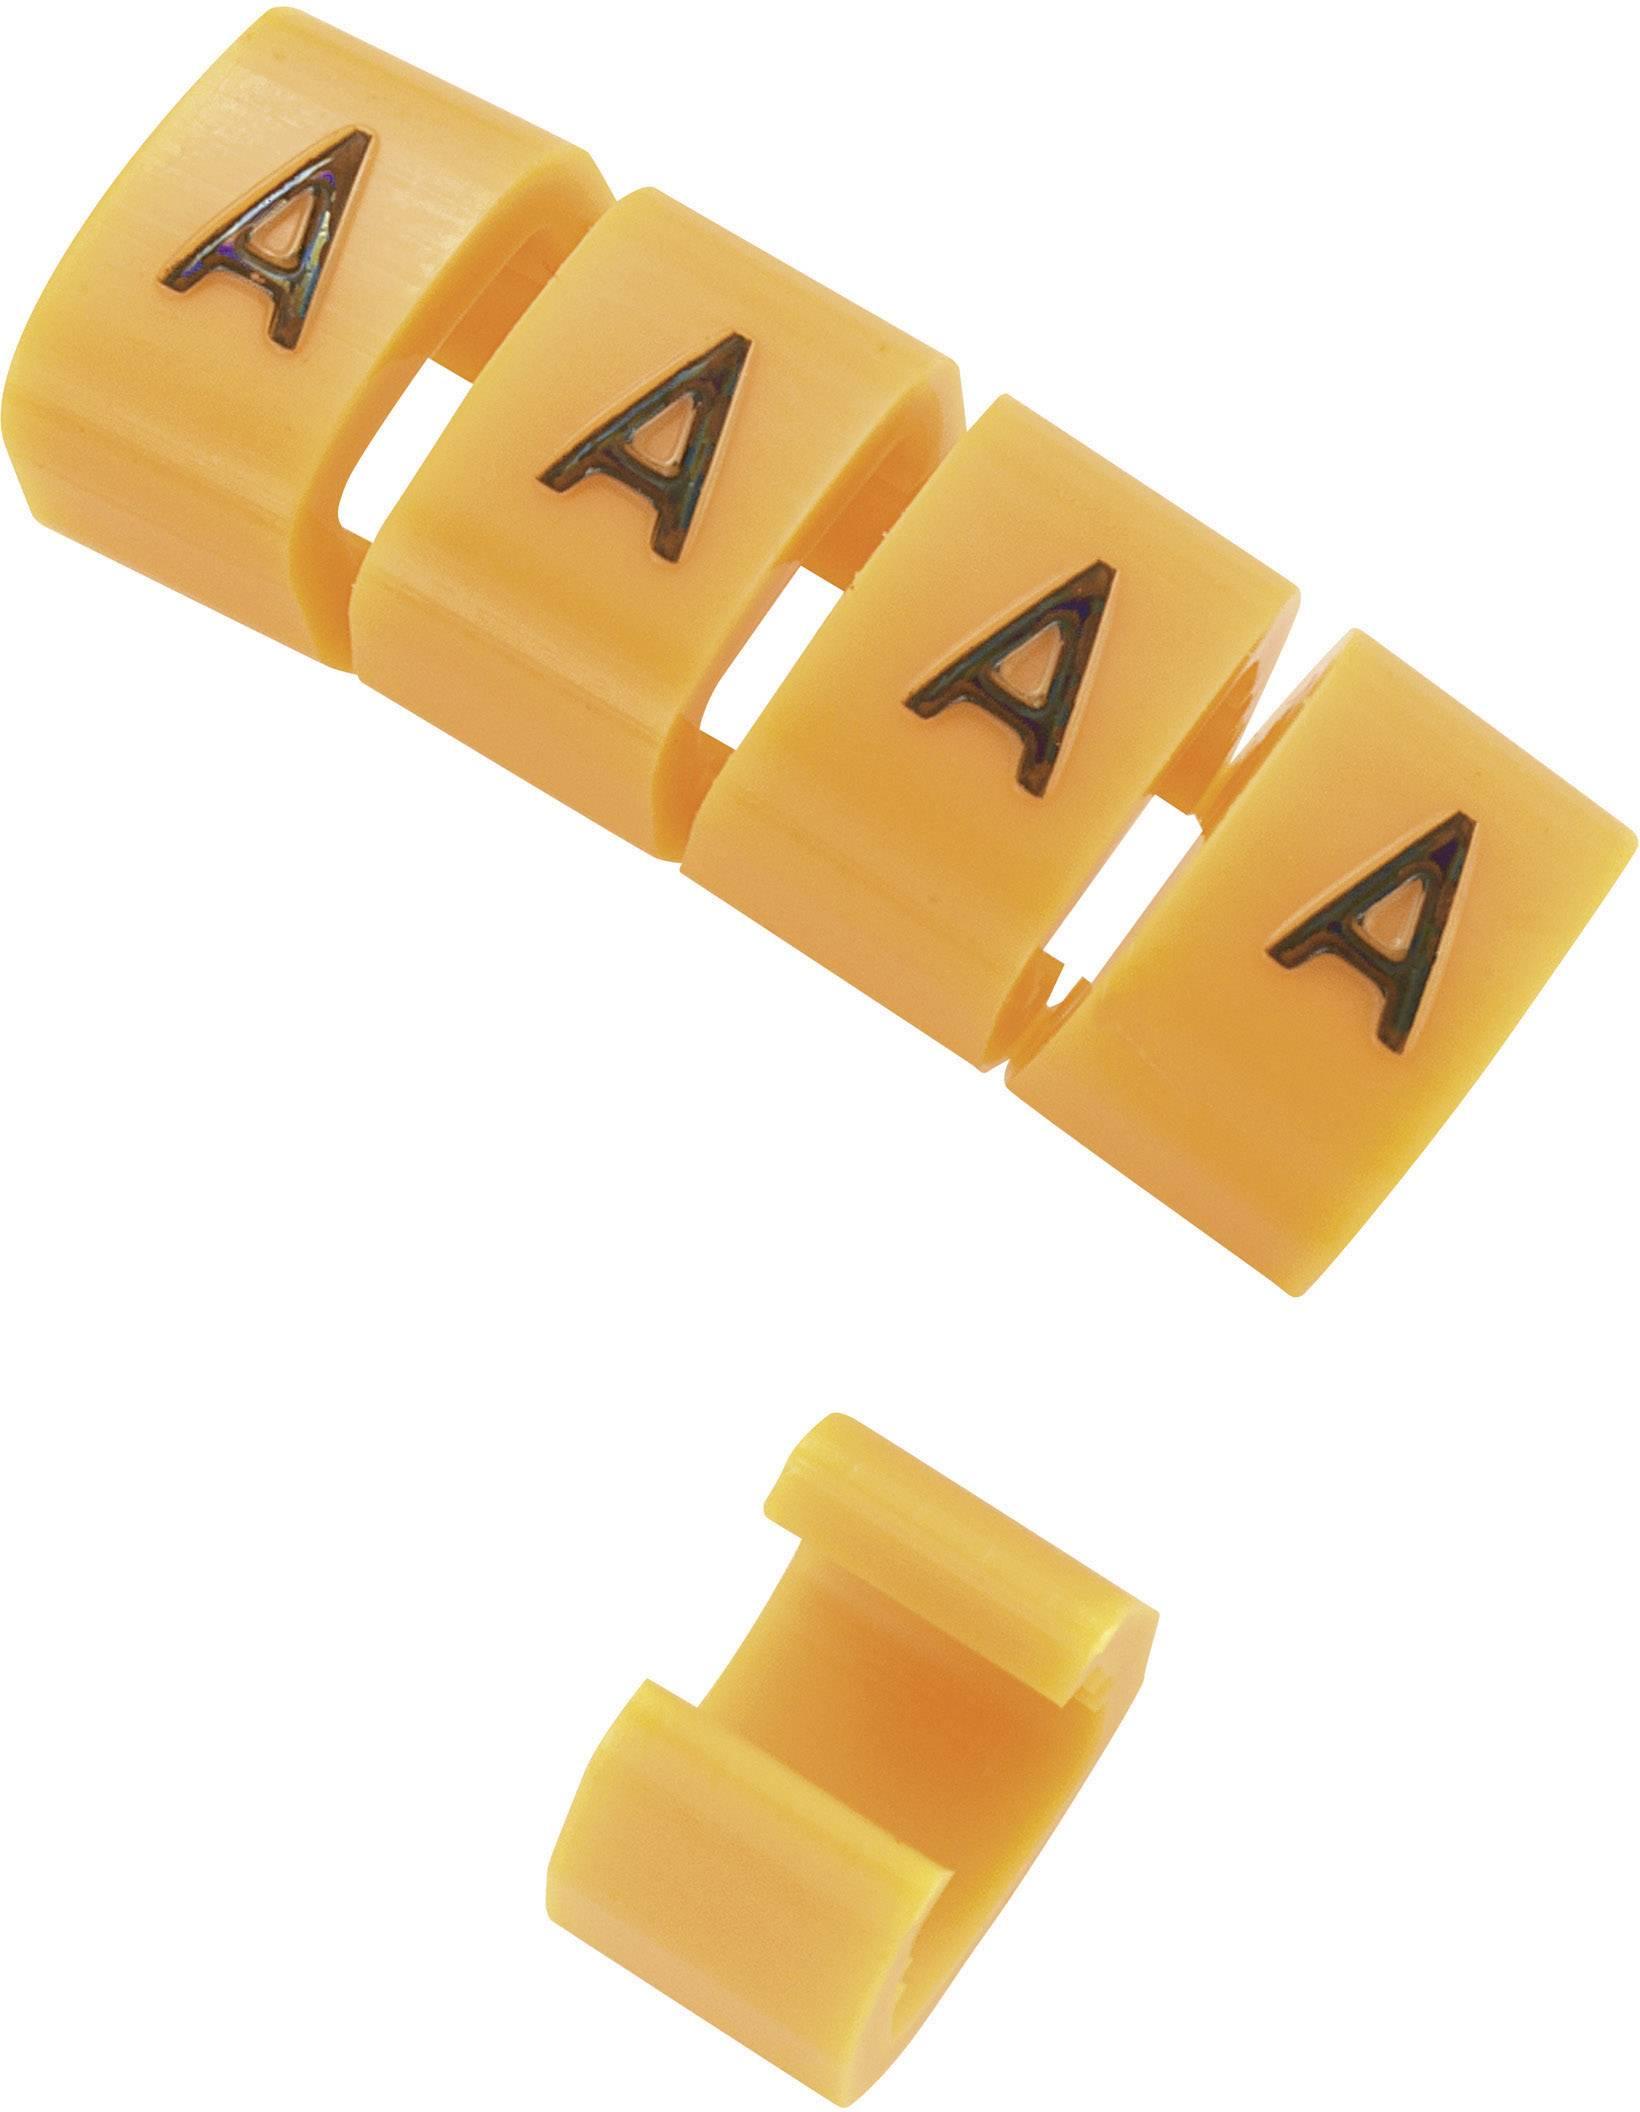 Označovacie objímka na káble KSS MB1/T, oranžová, 10 ks